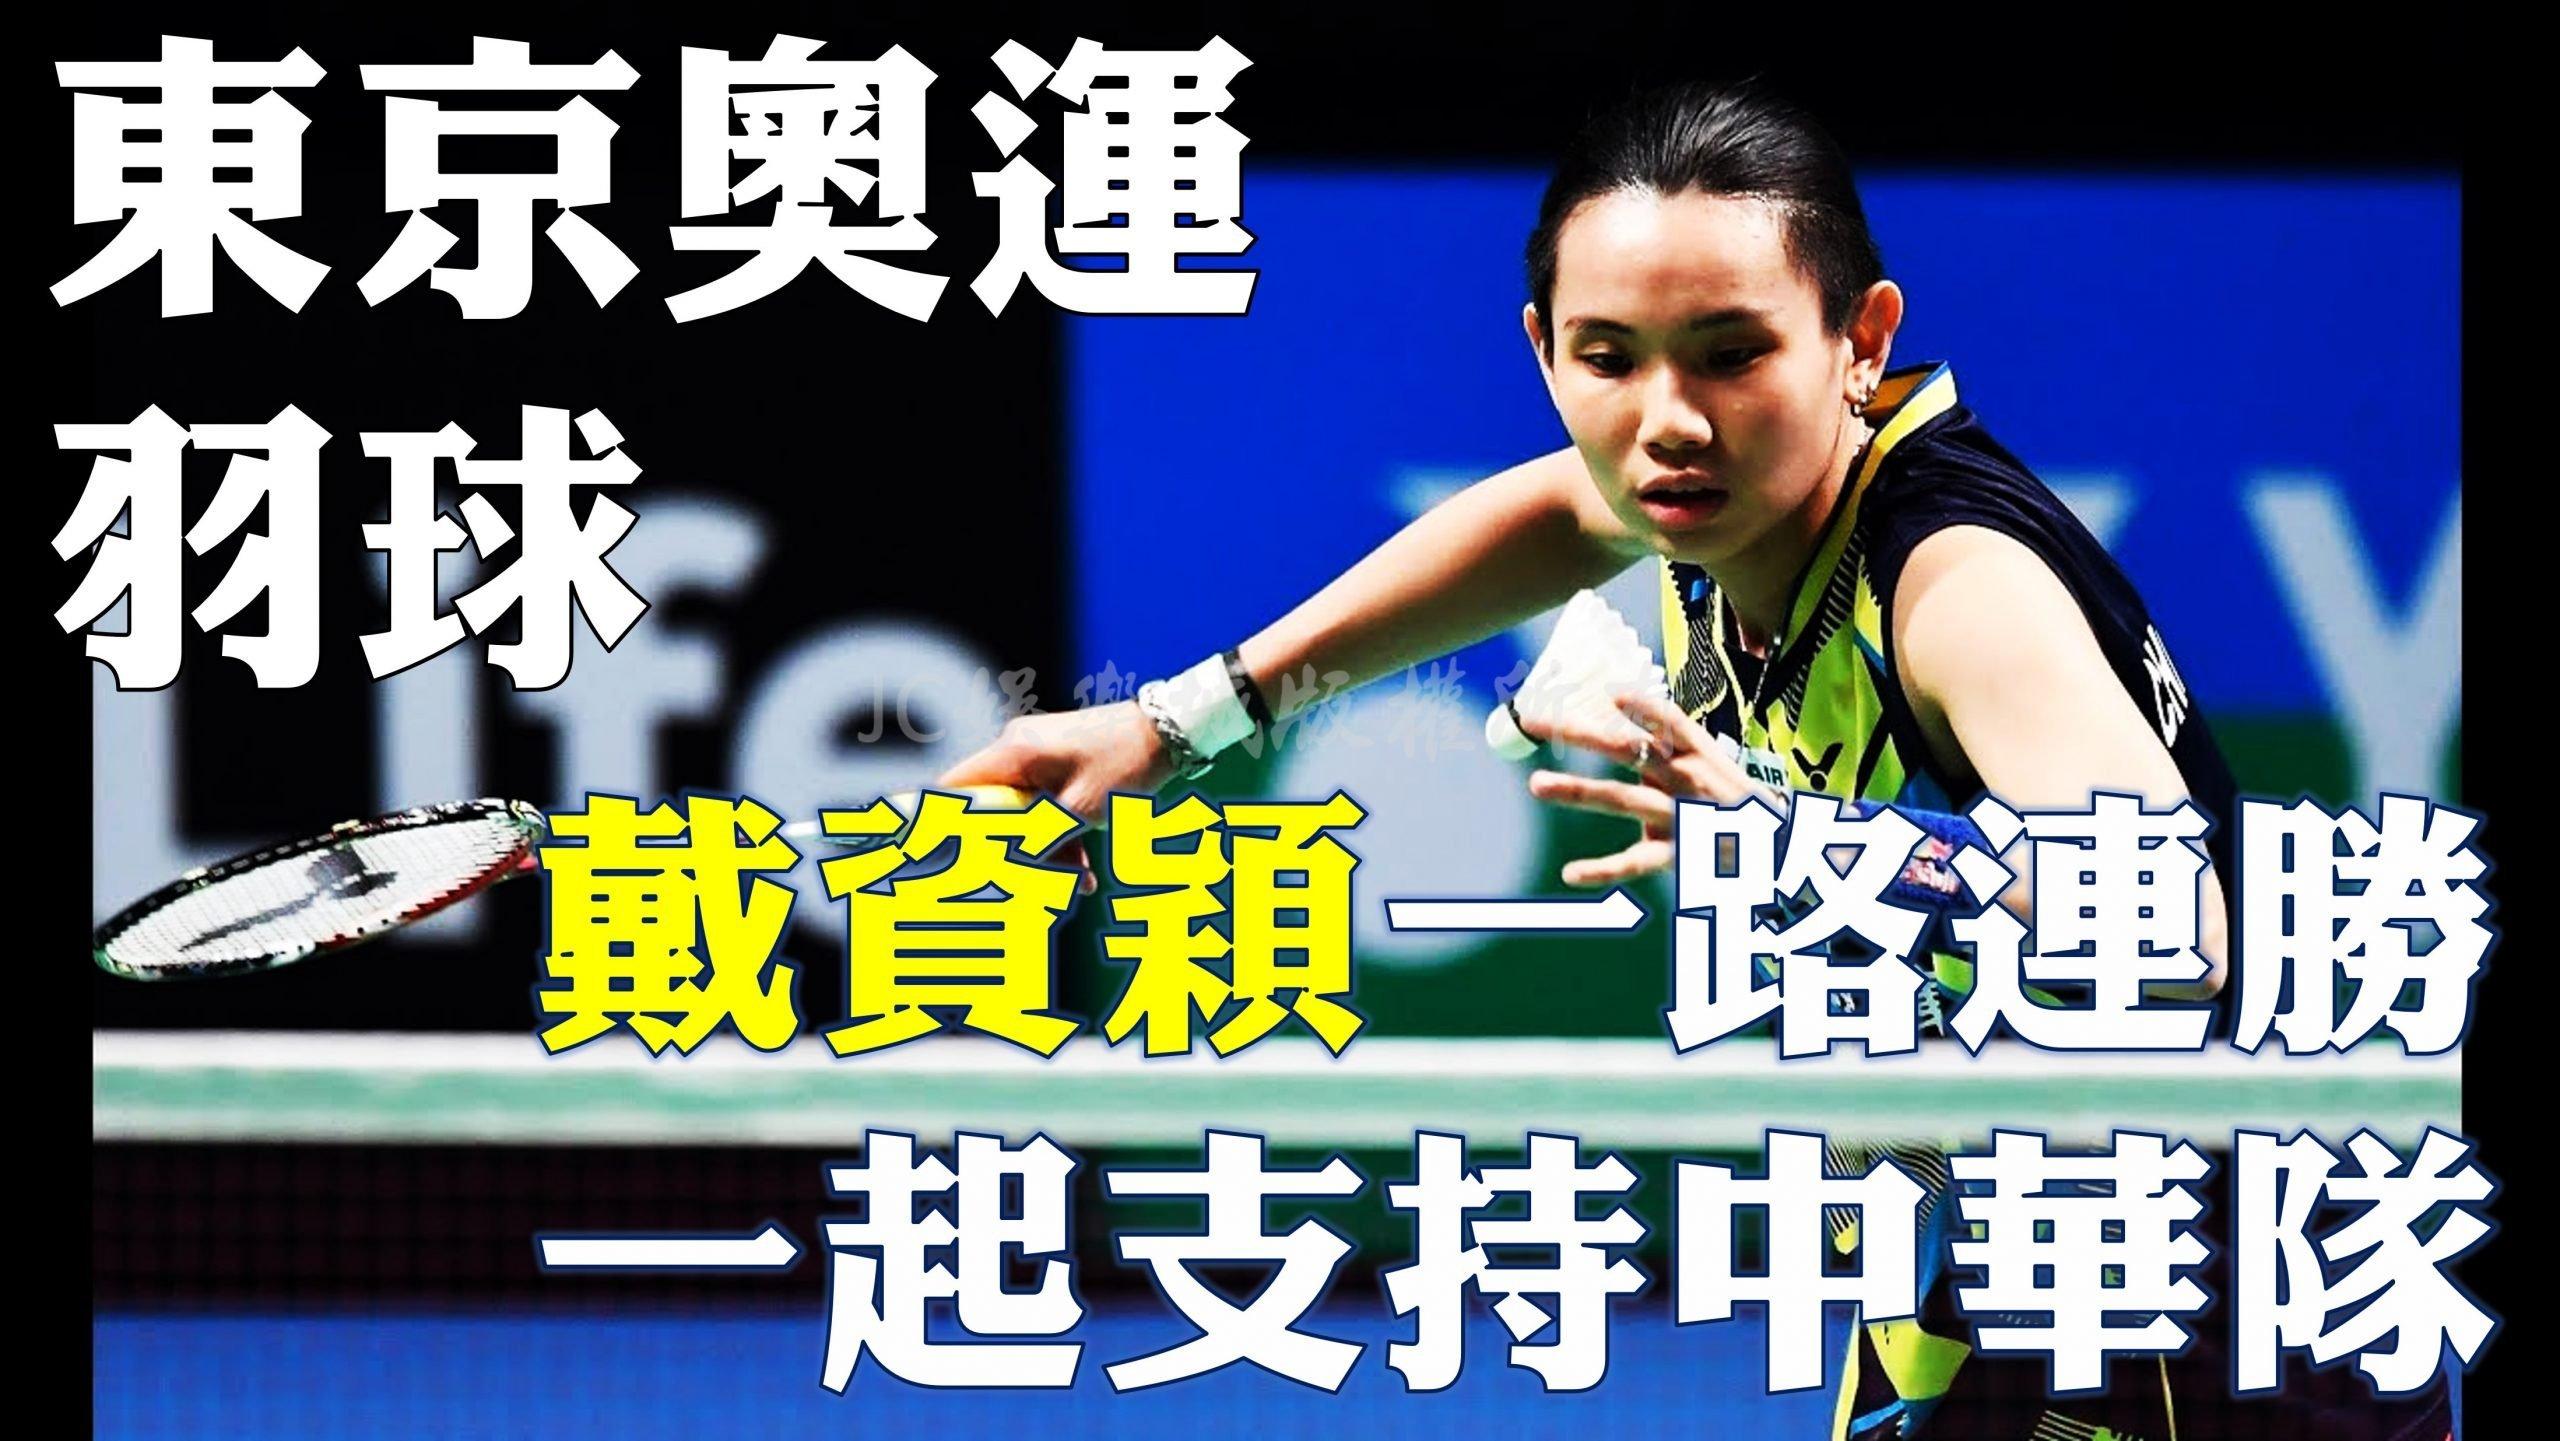 【奧運羽球賽程】戴資穎賽程一路順暢奪牌只差臨門一腳!一起支持中華隊!